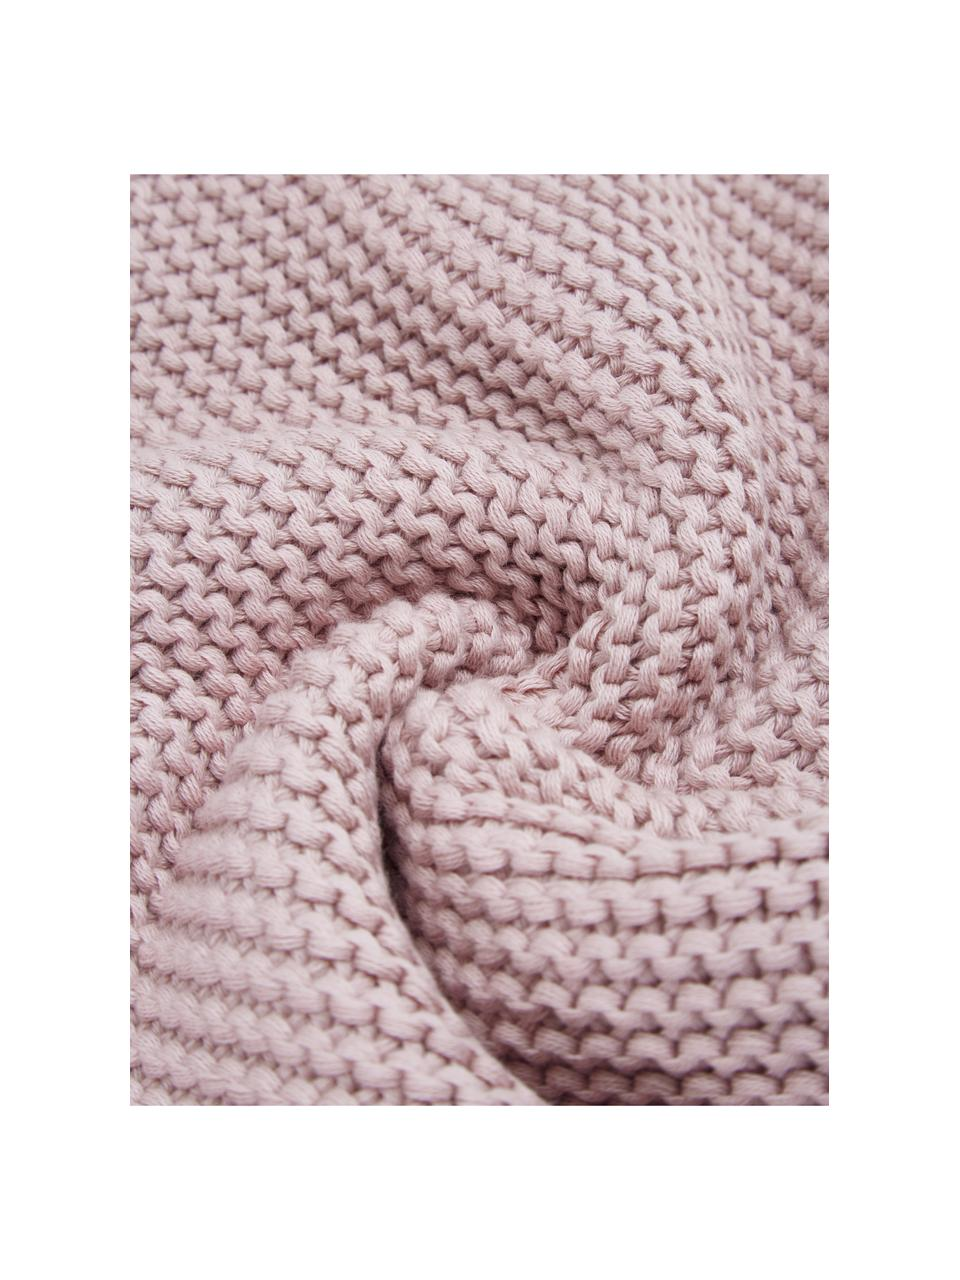 Koc z bawełny organicznej Adalyn, 100% bawełna organiczna, certyfikat GOTS, Brudny różowy, S 150 x D 200 cm